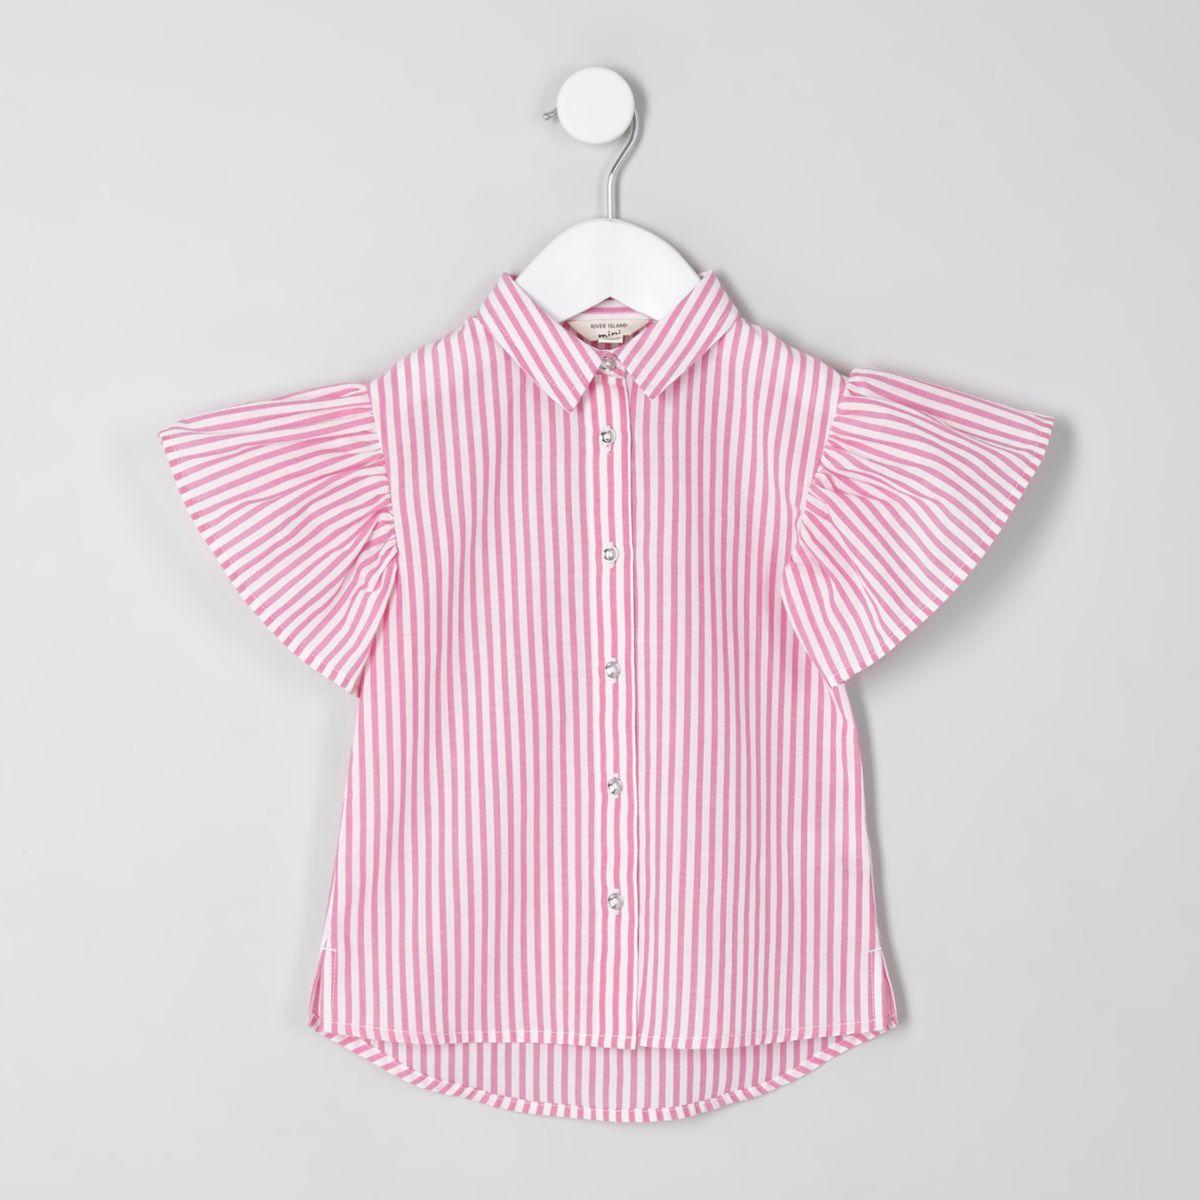 Pinkes, gestreiftes Hemd mit Rüschen